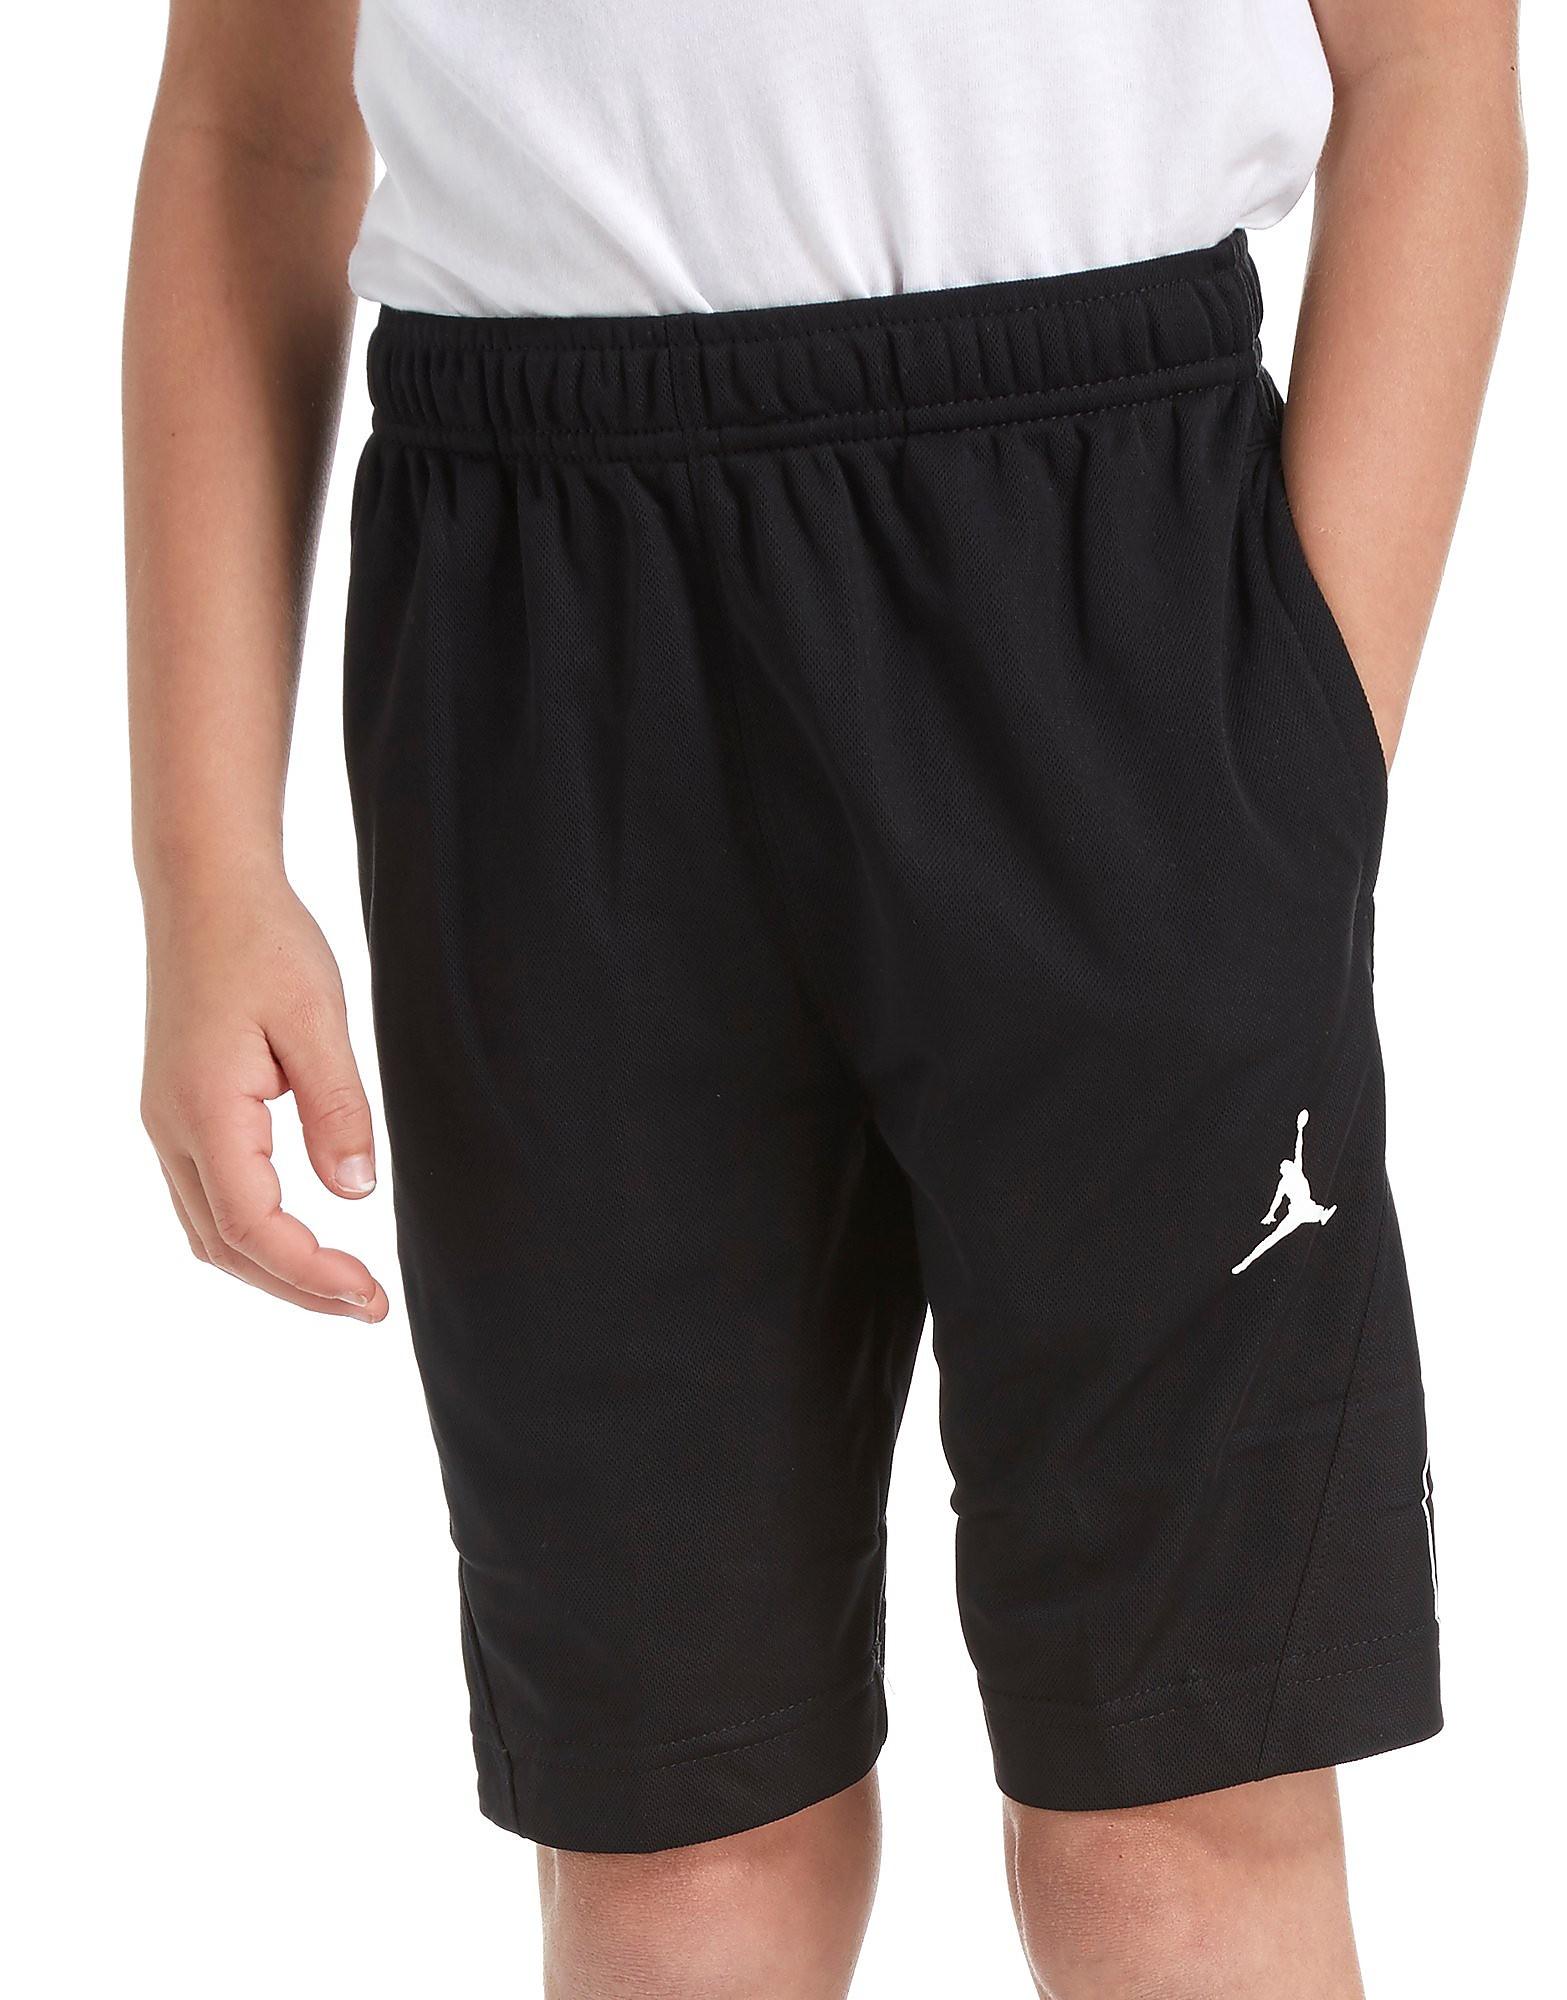 Jordan pantalón corto 23 infantil